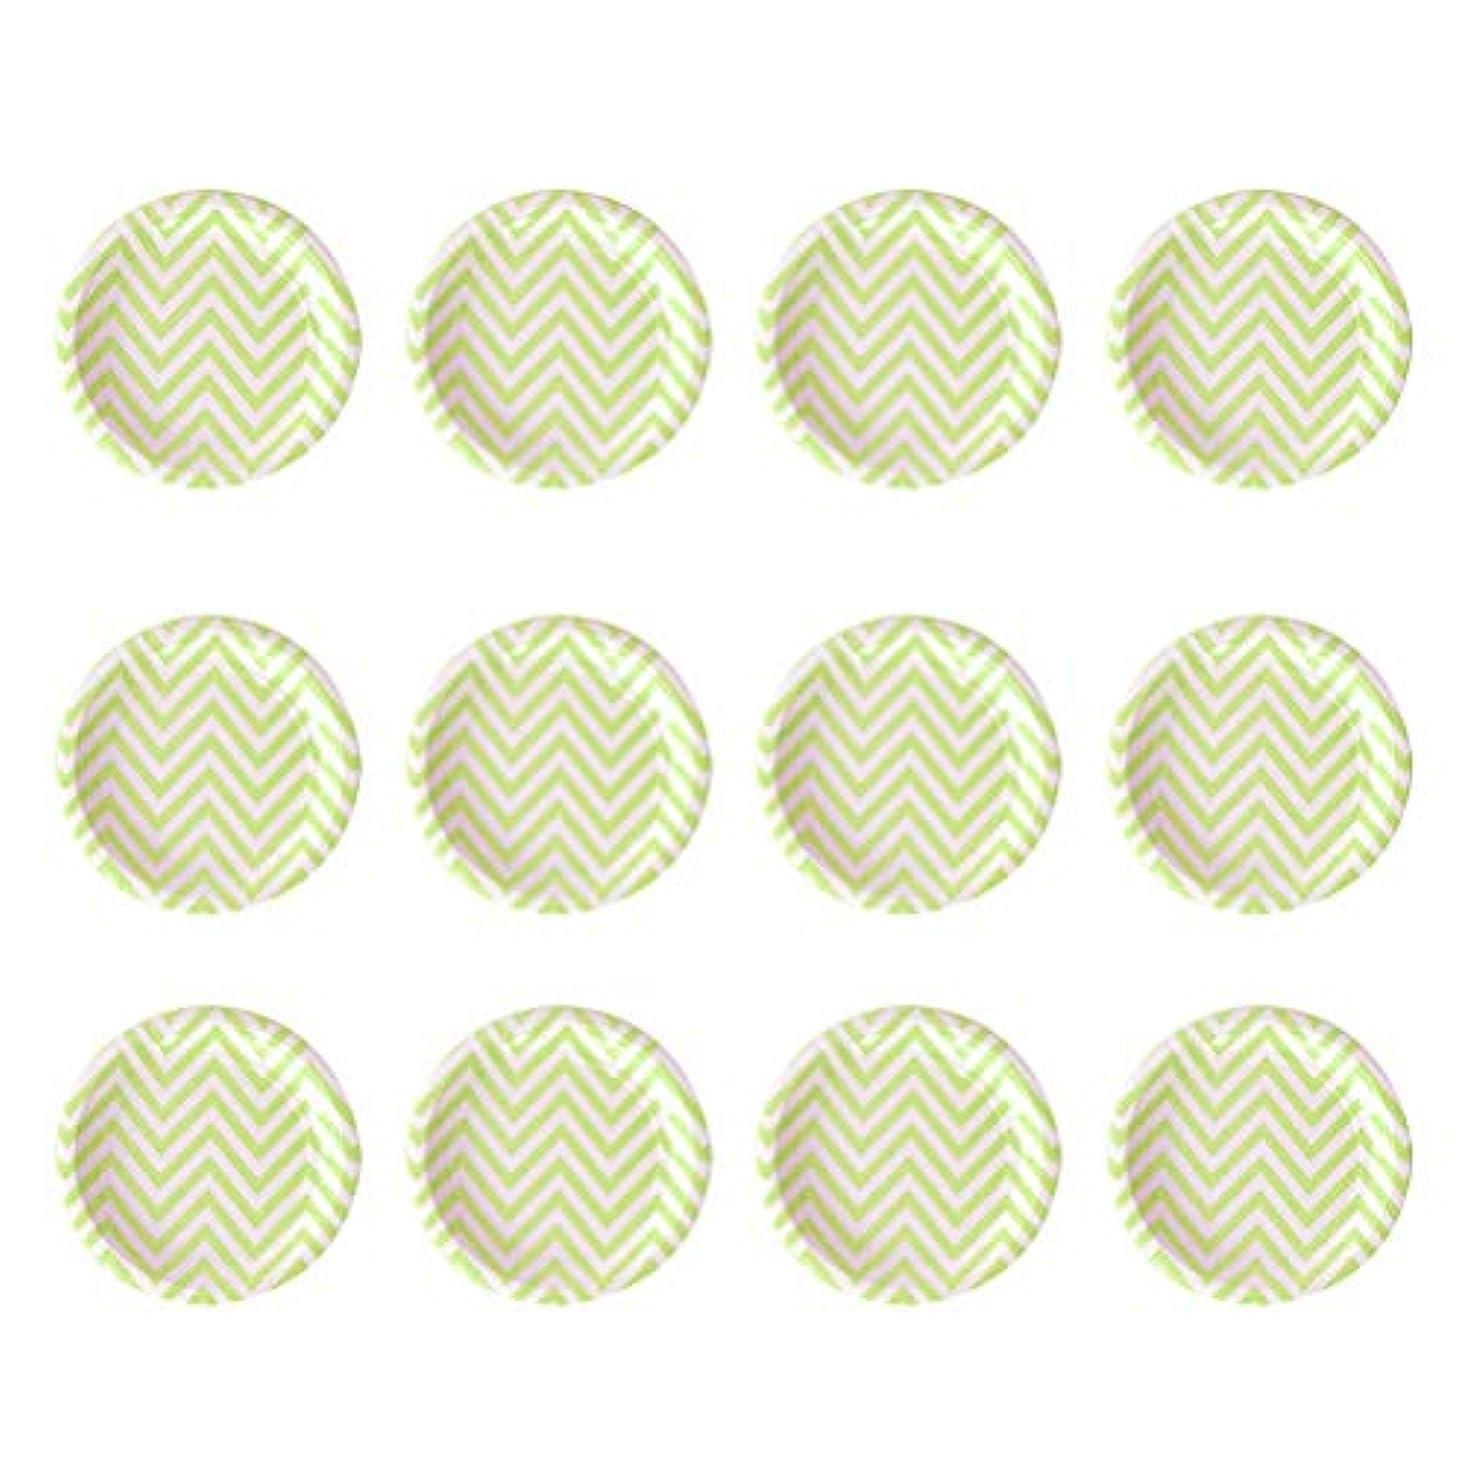 エチケット悲惨すすり泣きBESTOYARD 12本の使い捨て紙プレート誕生日パーティー用品のラウンドディナーデザートケーキプレート(ライトグリーン)